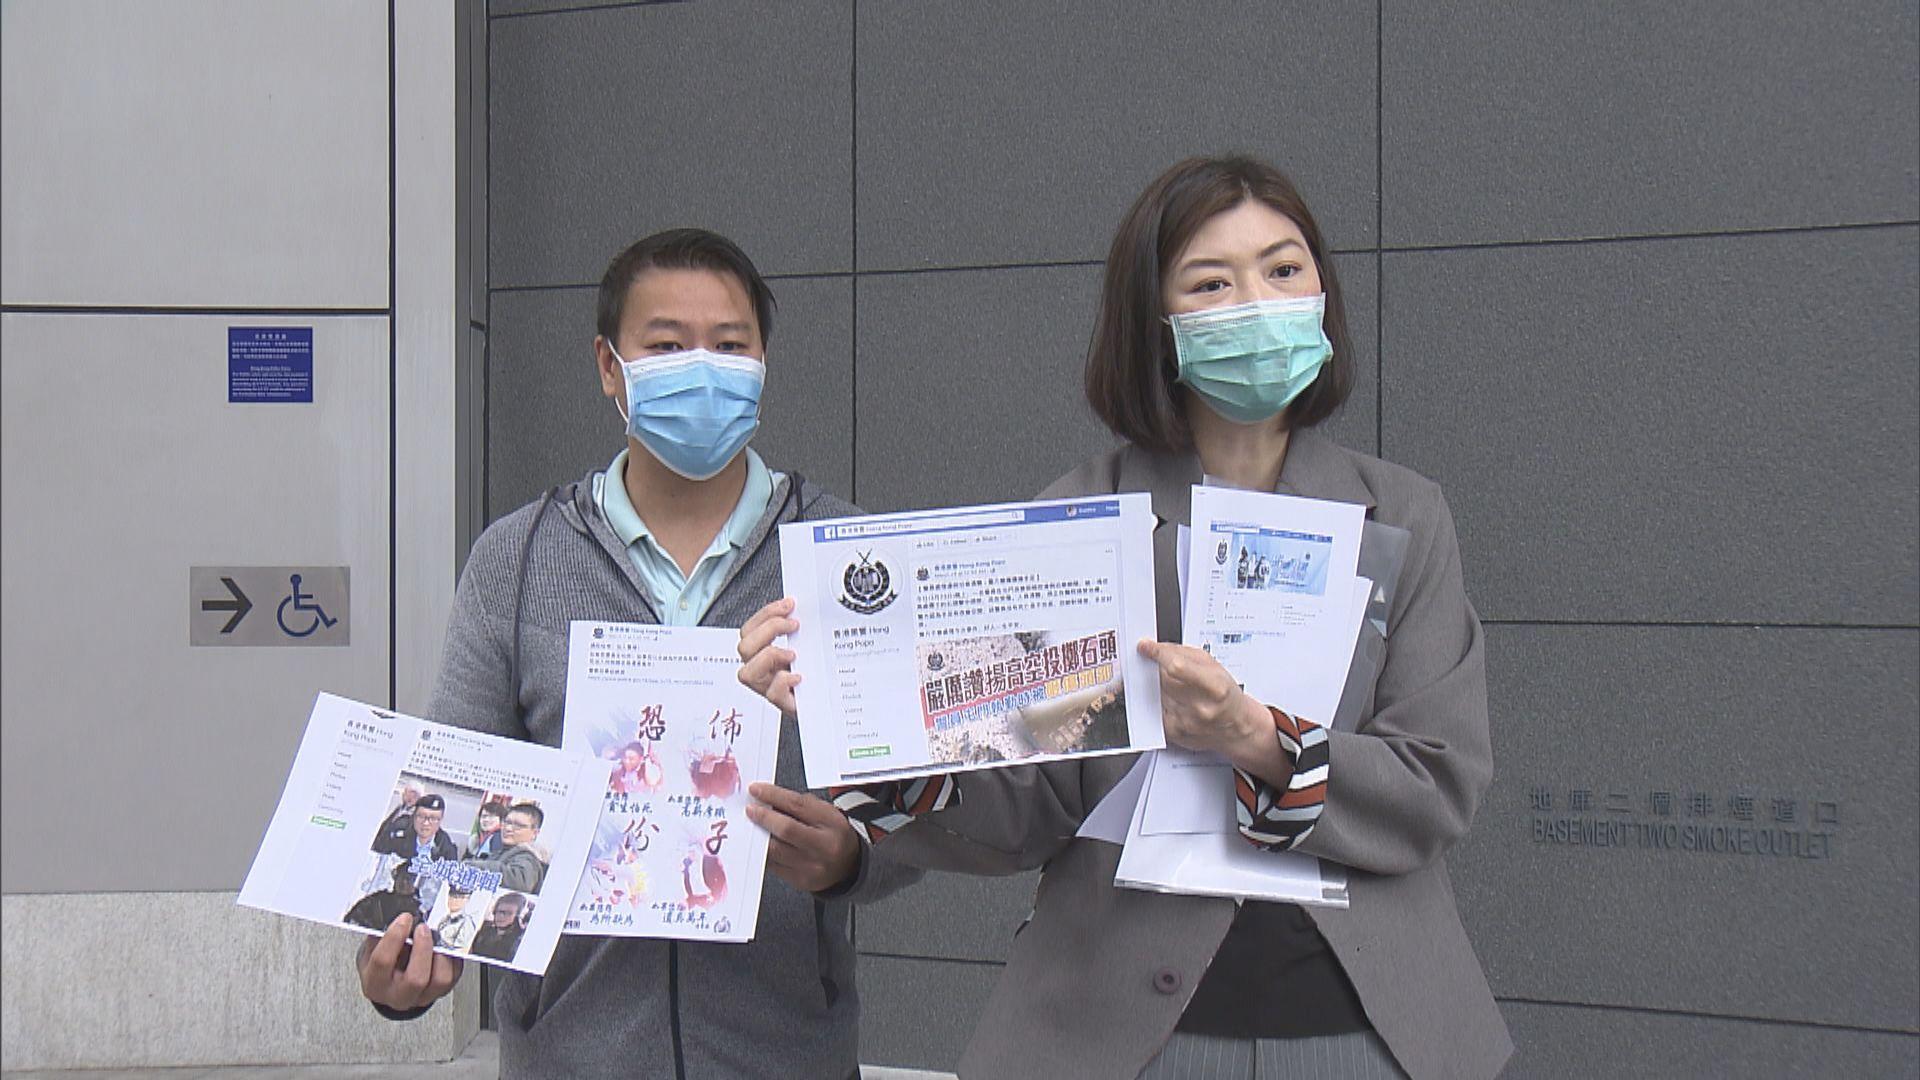 容海恩舉報社交網站專頁涉嫌煽動暴力